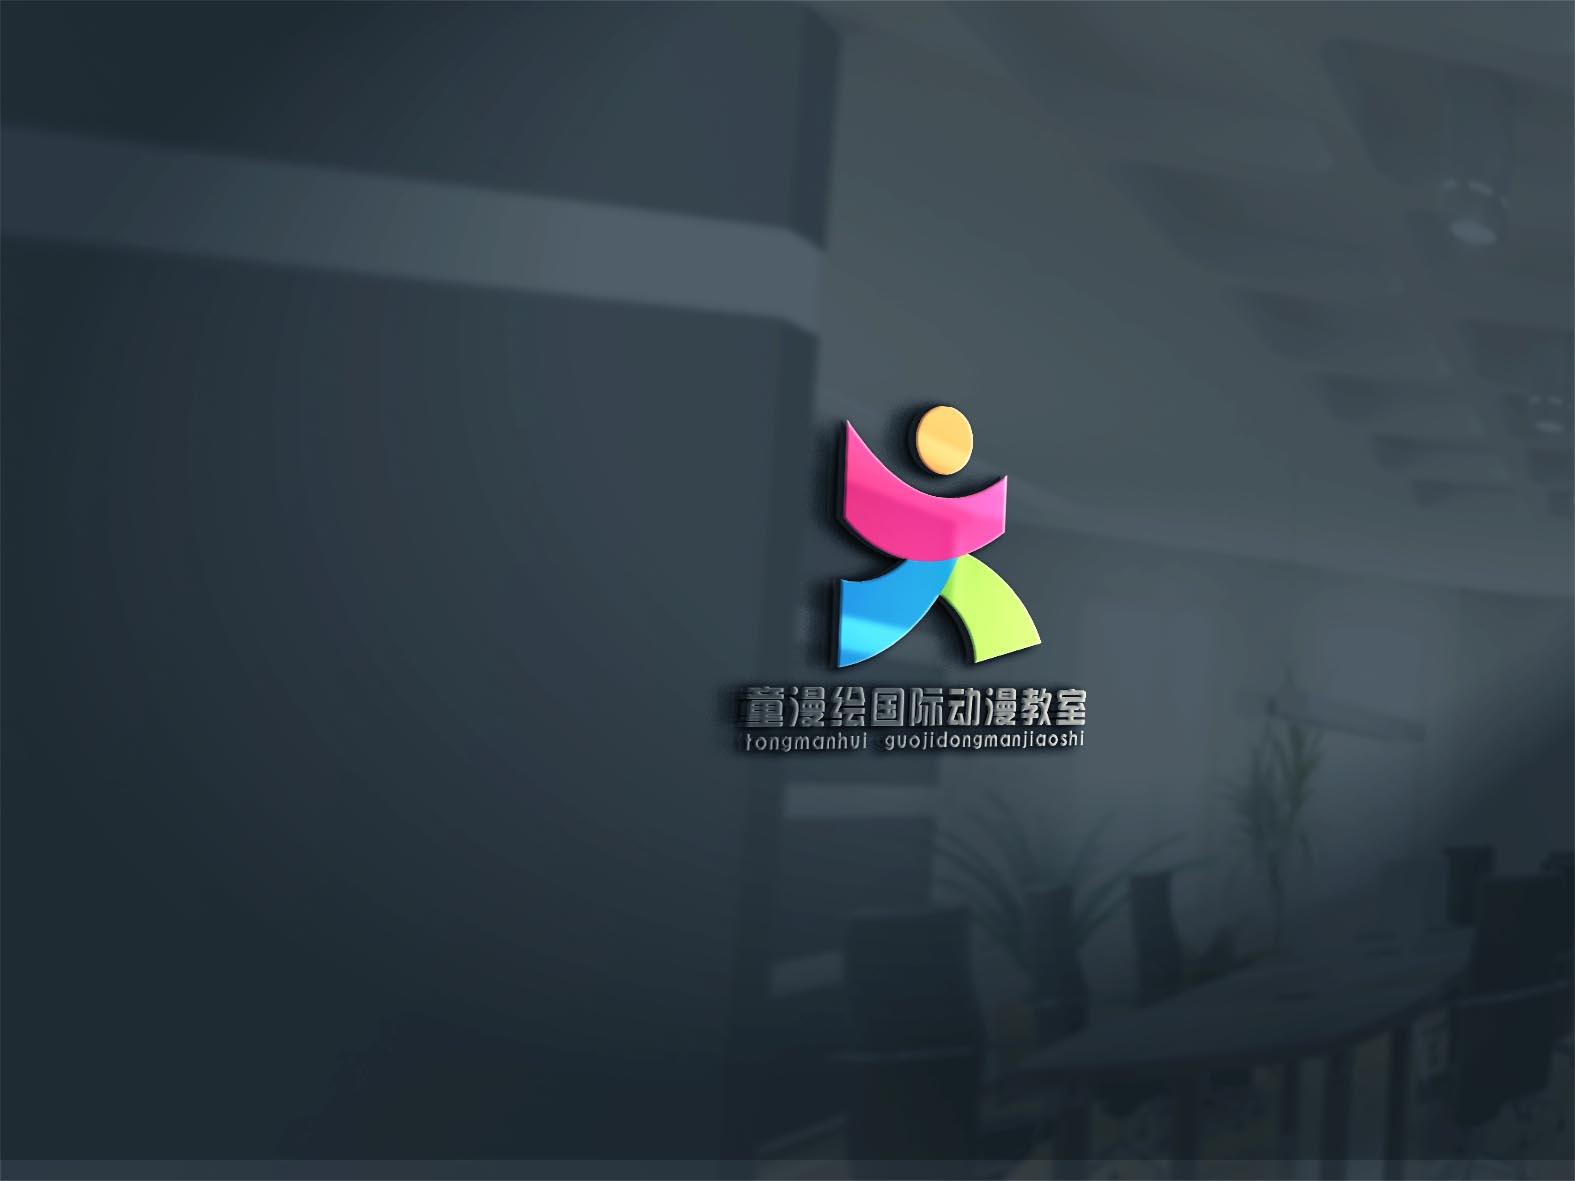 征集logo_3022455_k68威客网